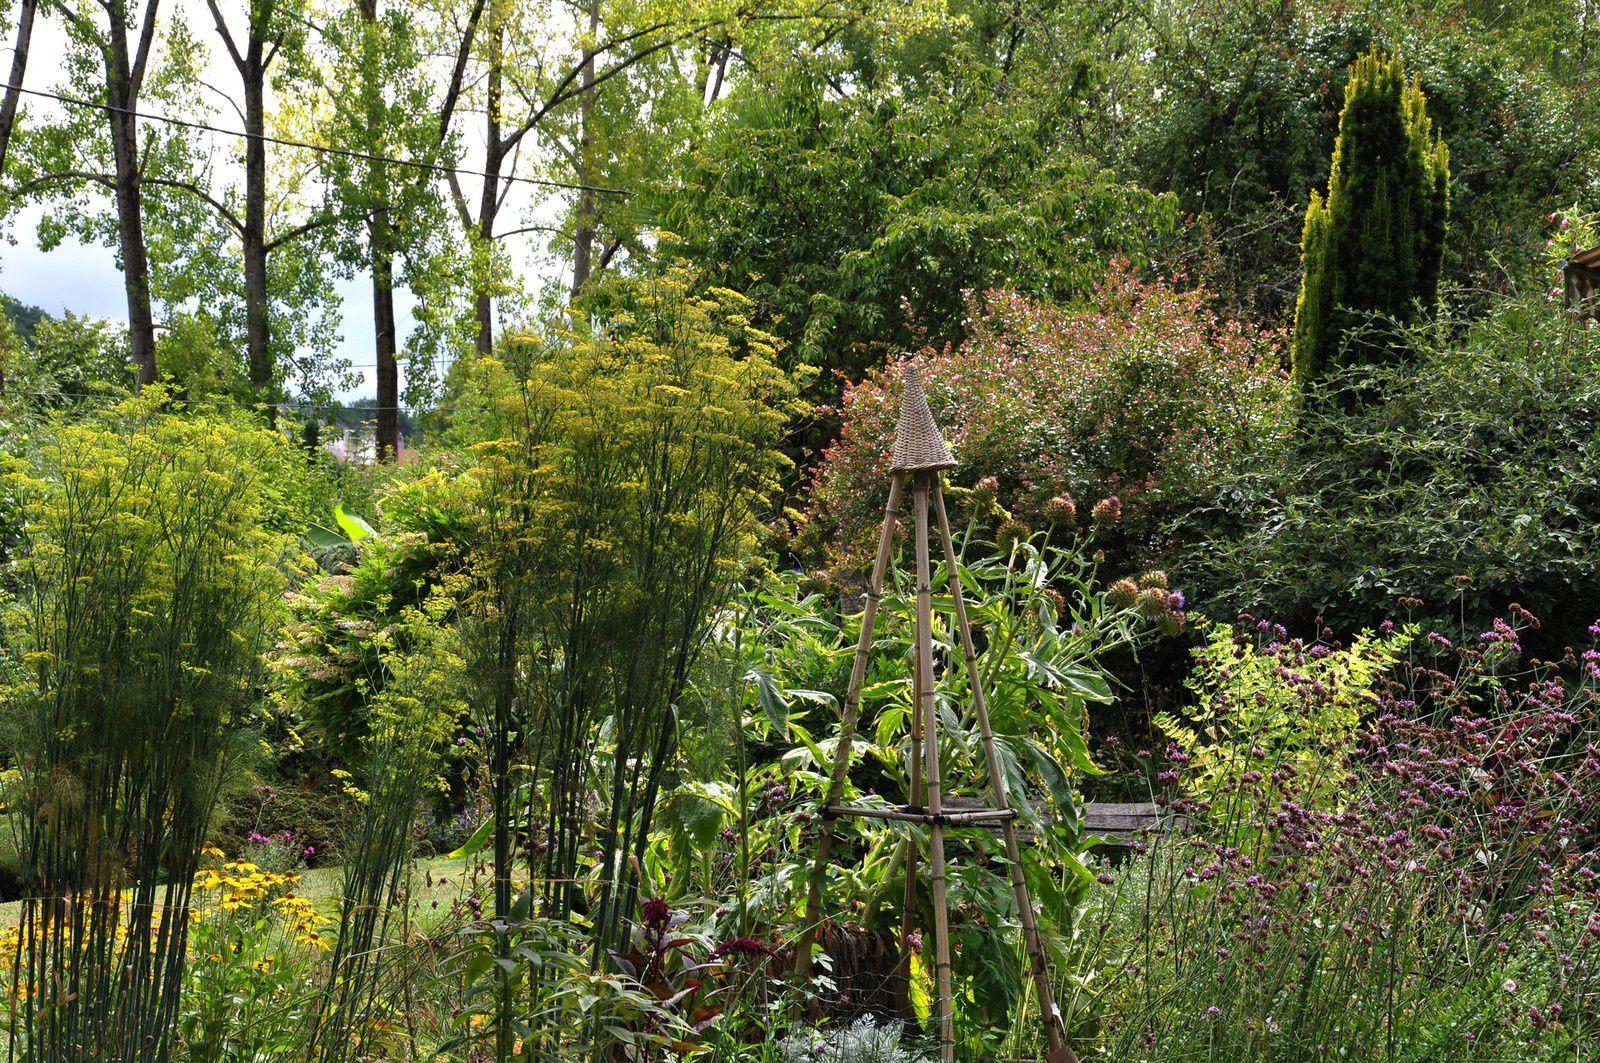 Il y a de jolis contes dans le jardin d'Ingrid